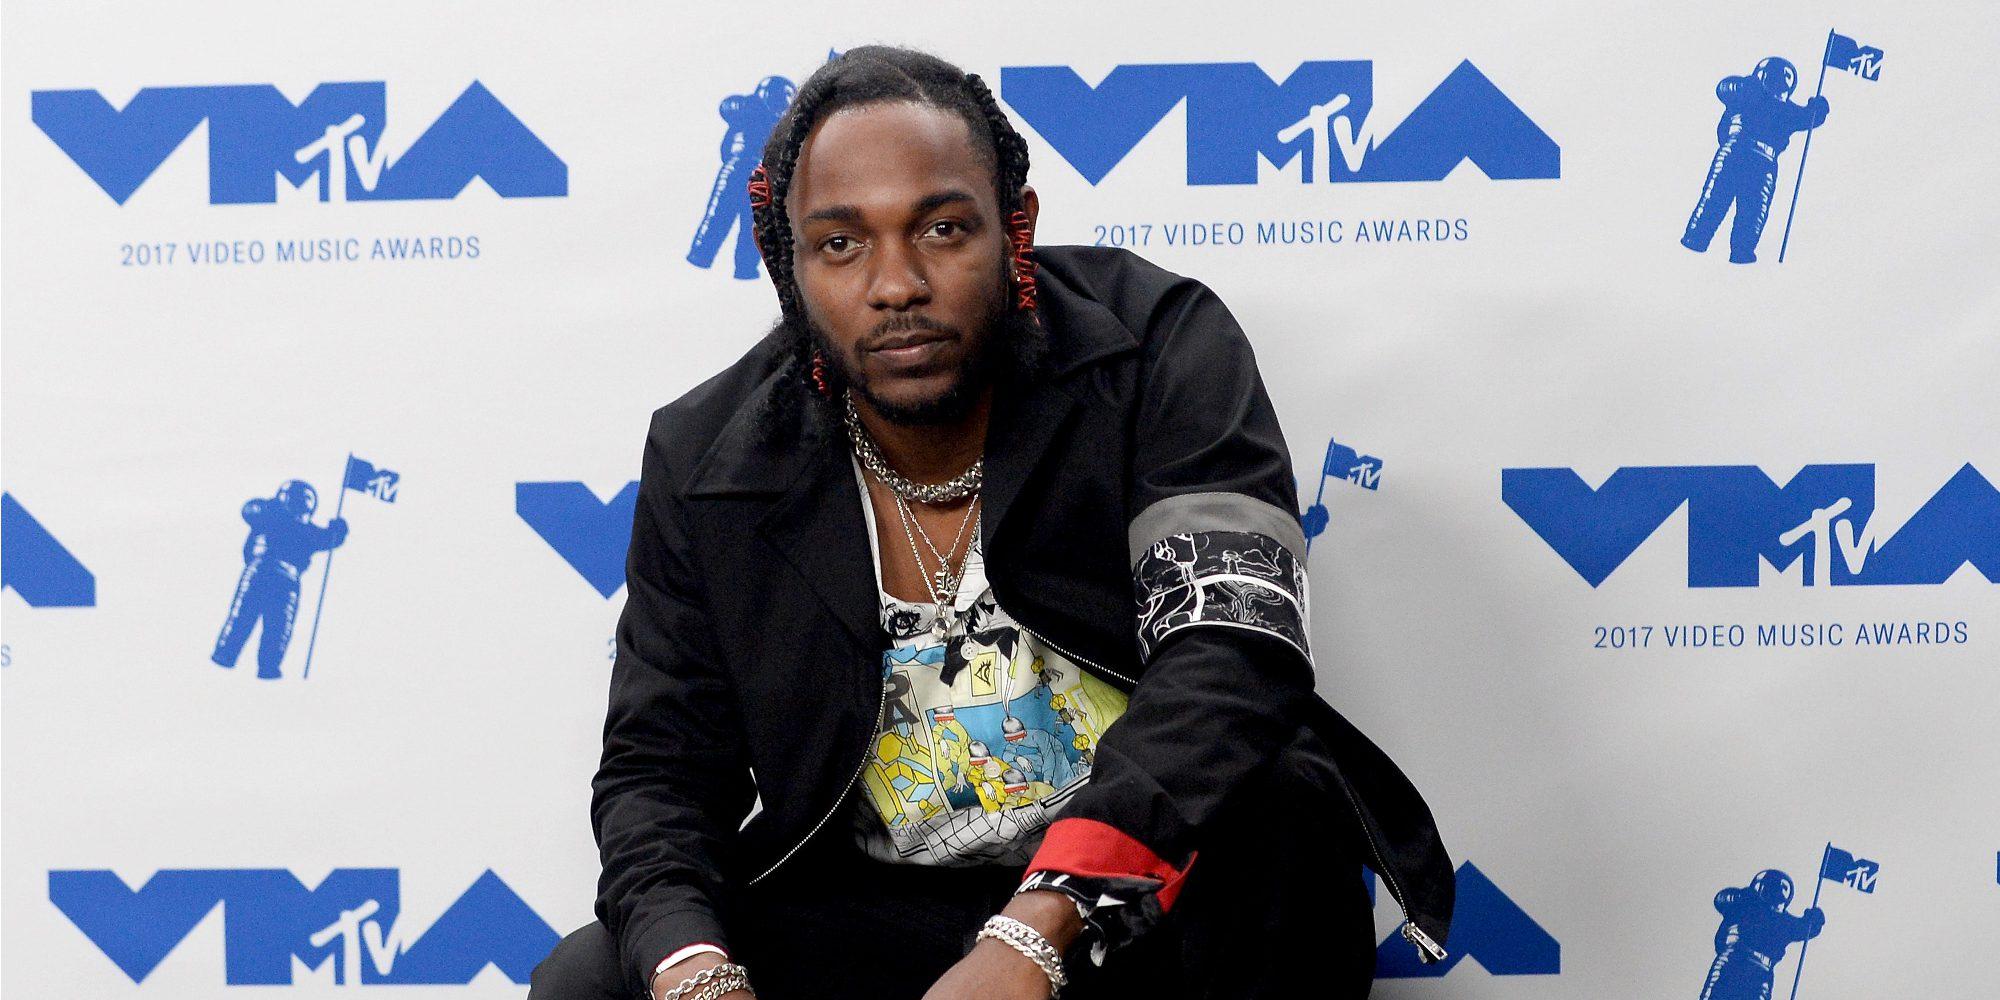 Lista de ganadores de los MTV VMA 2017